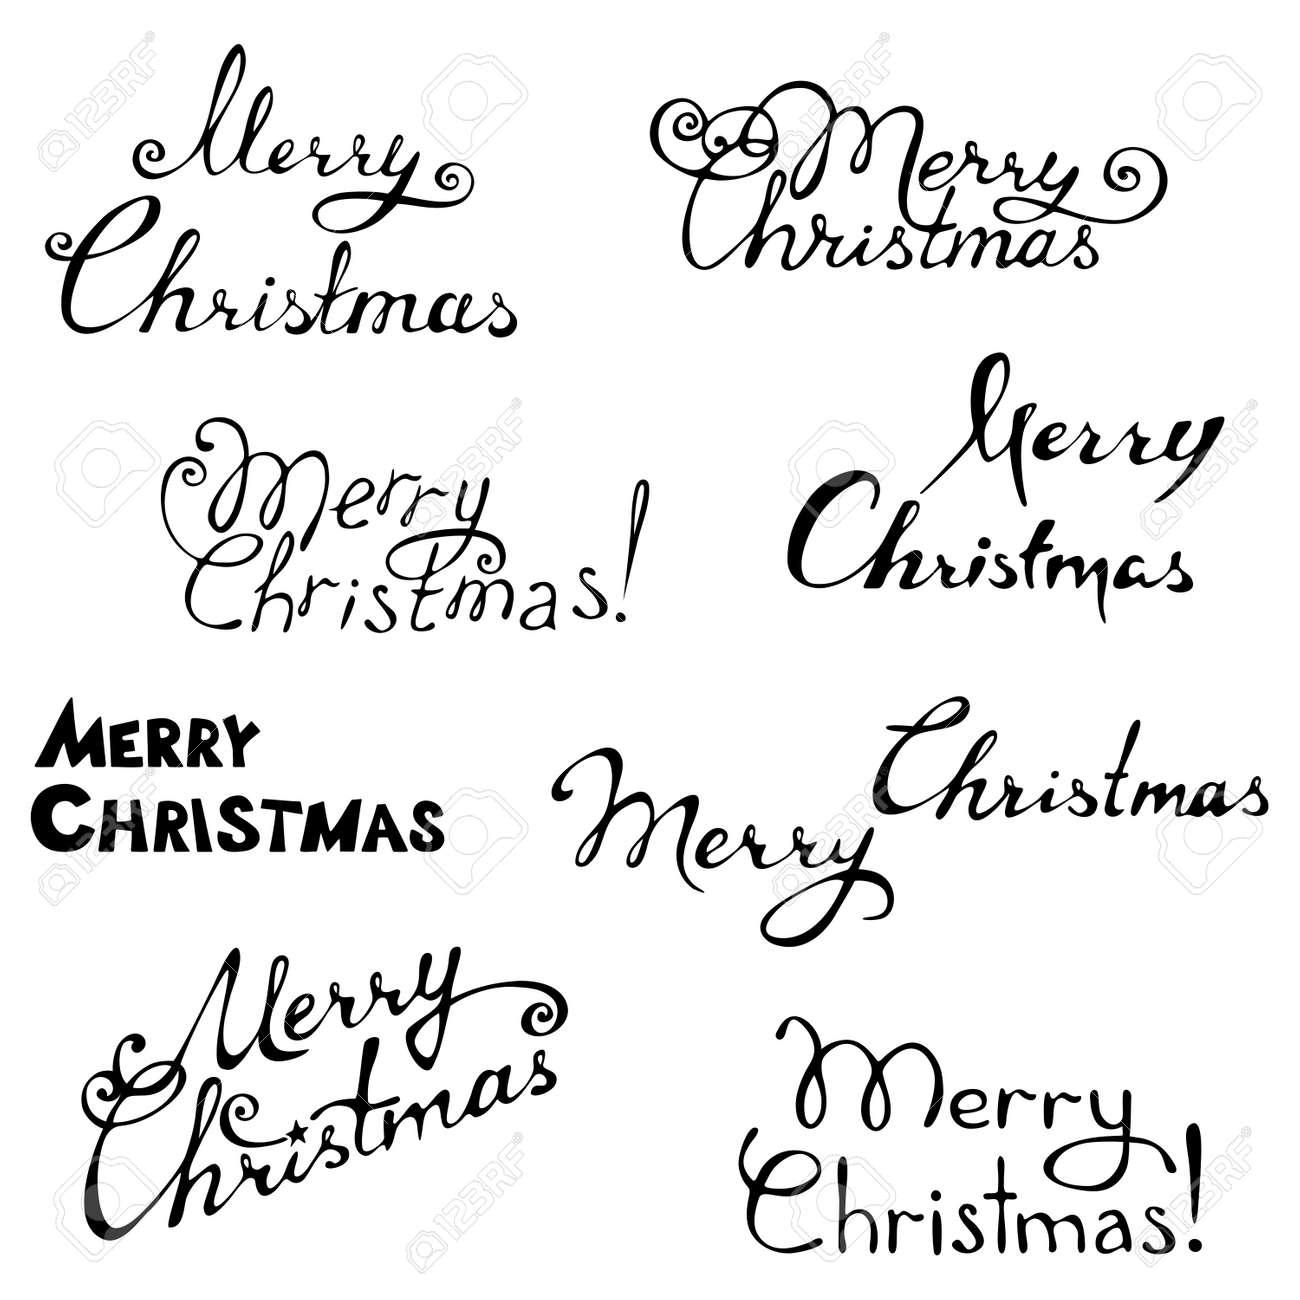 手書きテキストあなたのデザインのベクトル イラストクリスマス